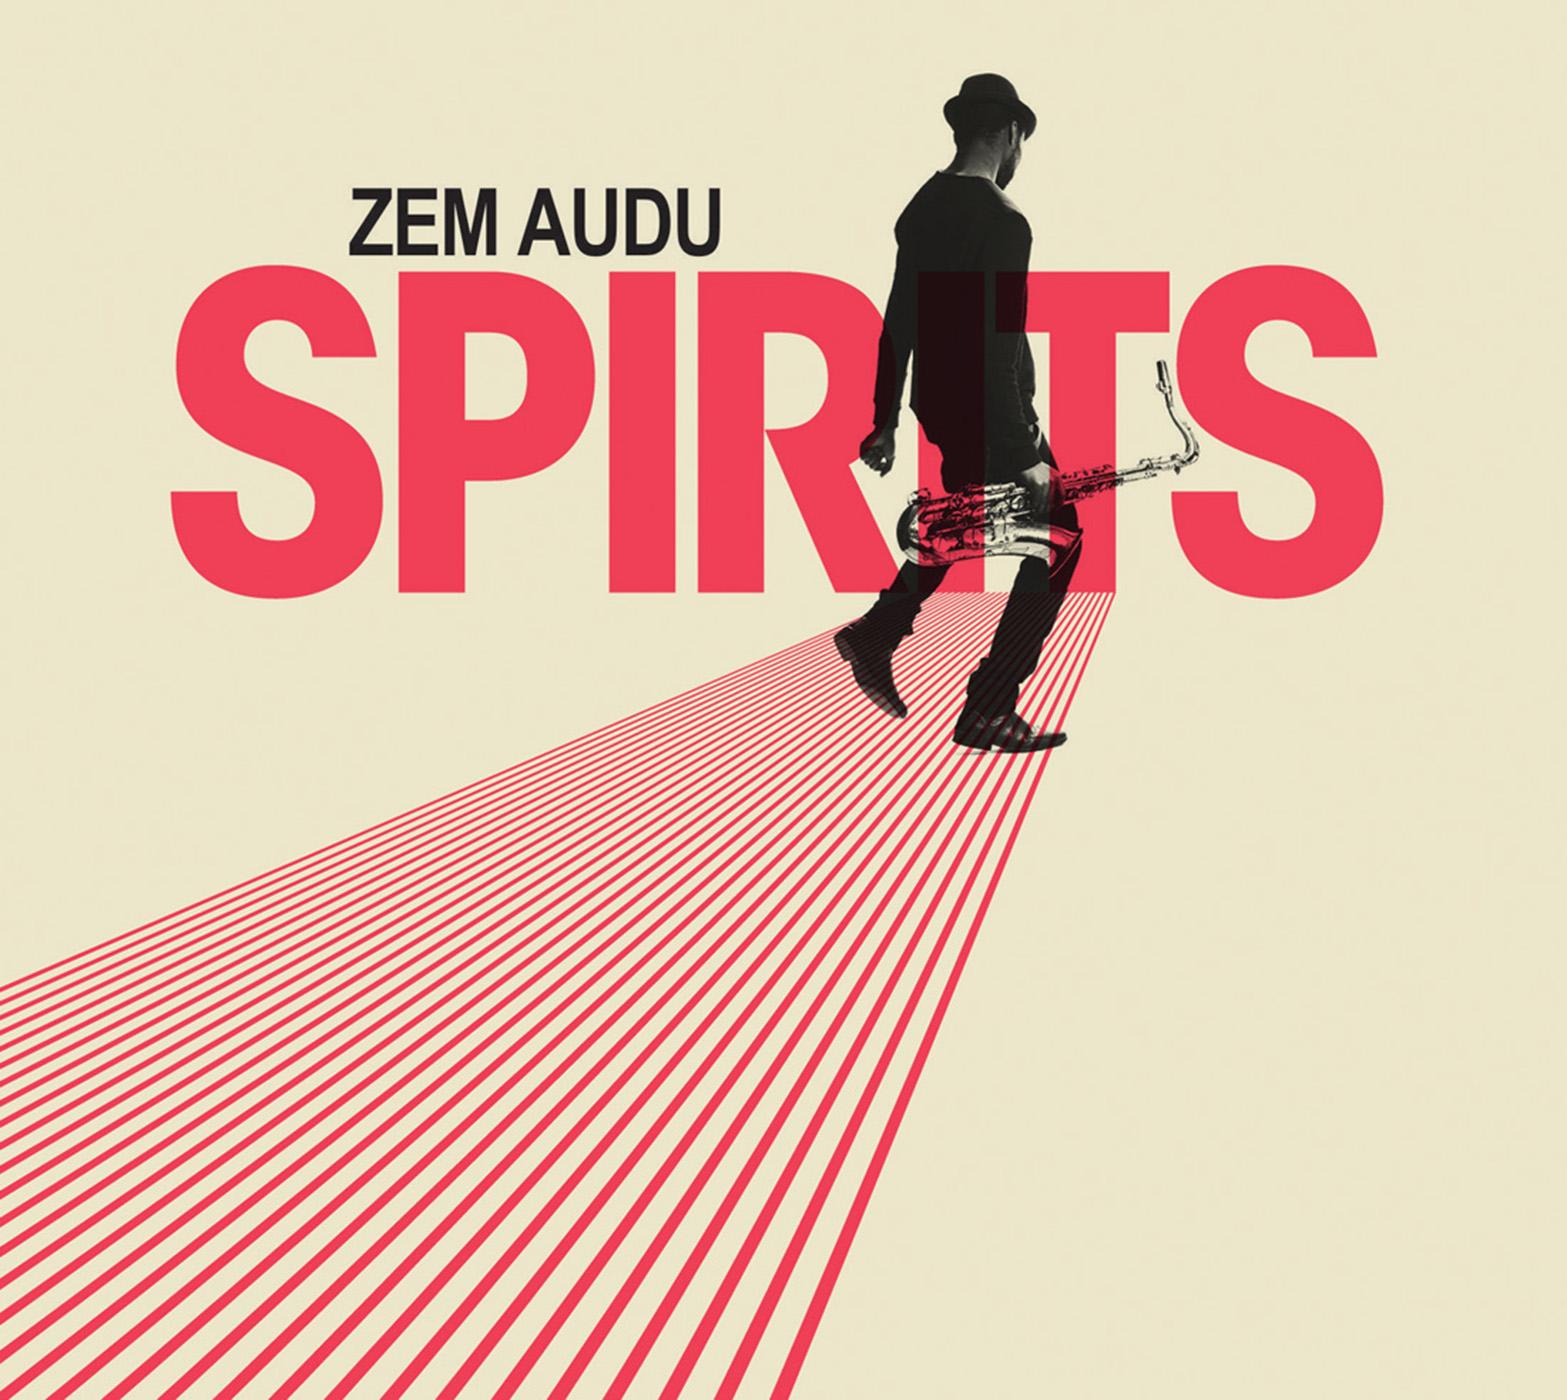 763-Zem Audu music